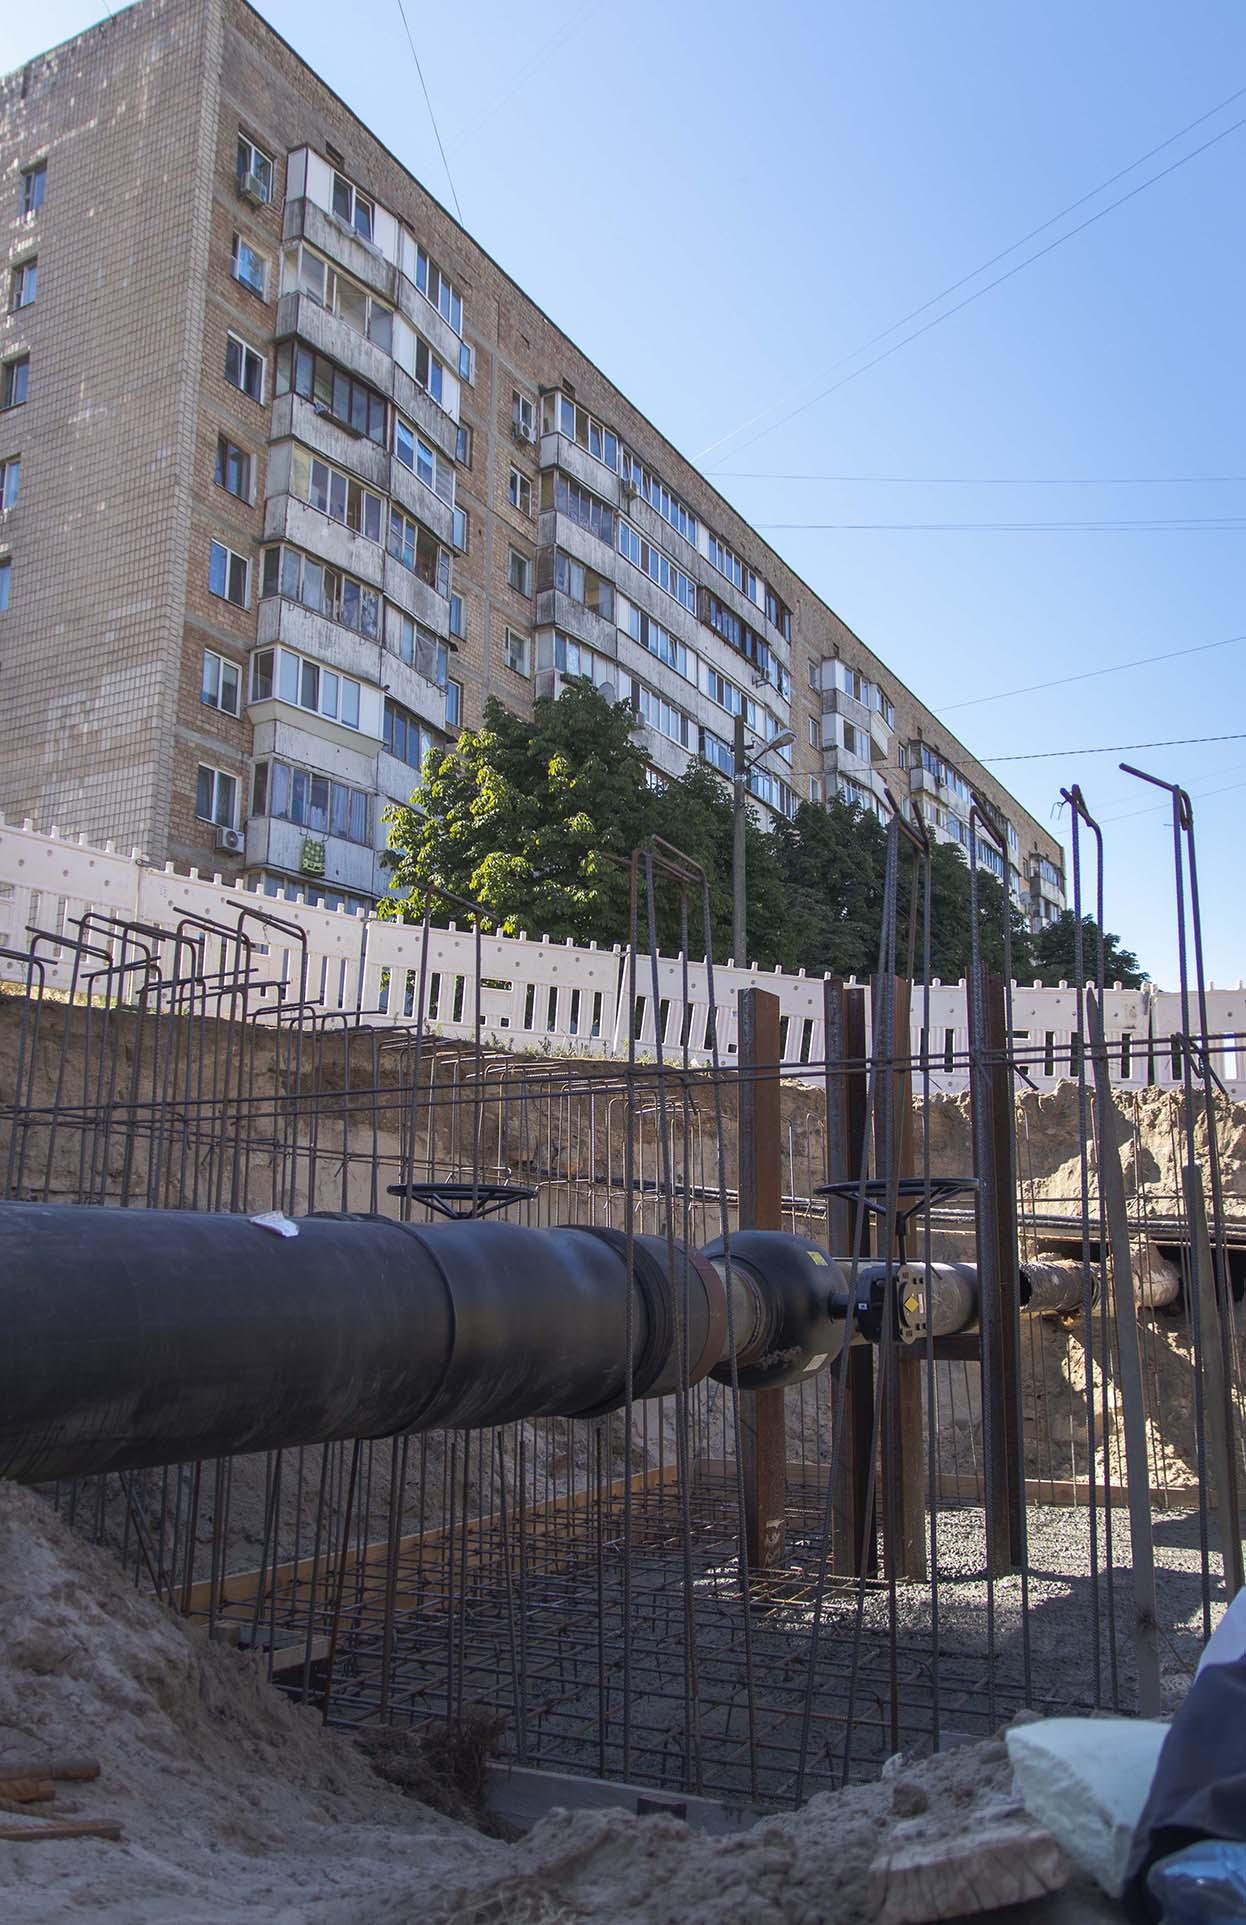 «Київтеплоенерго» замінює 1,5 км тепломереж, якими постачається тепло на Борщагівці